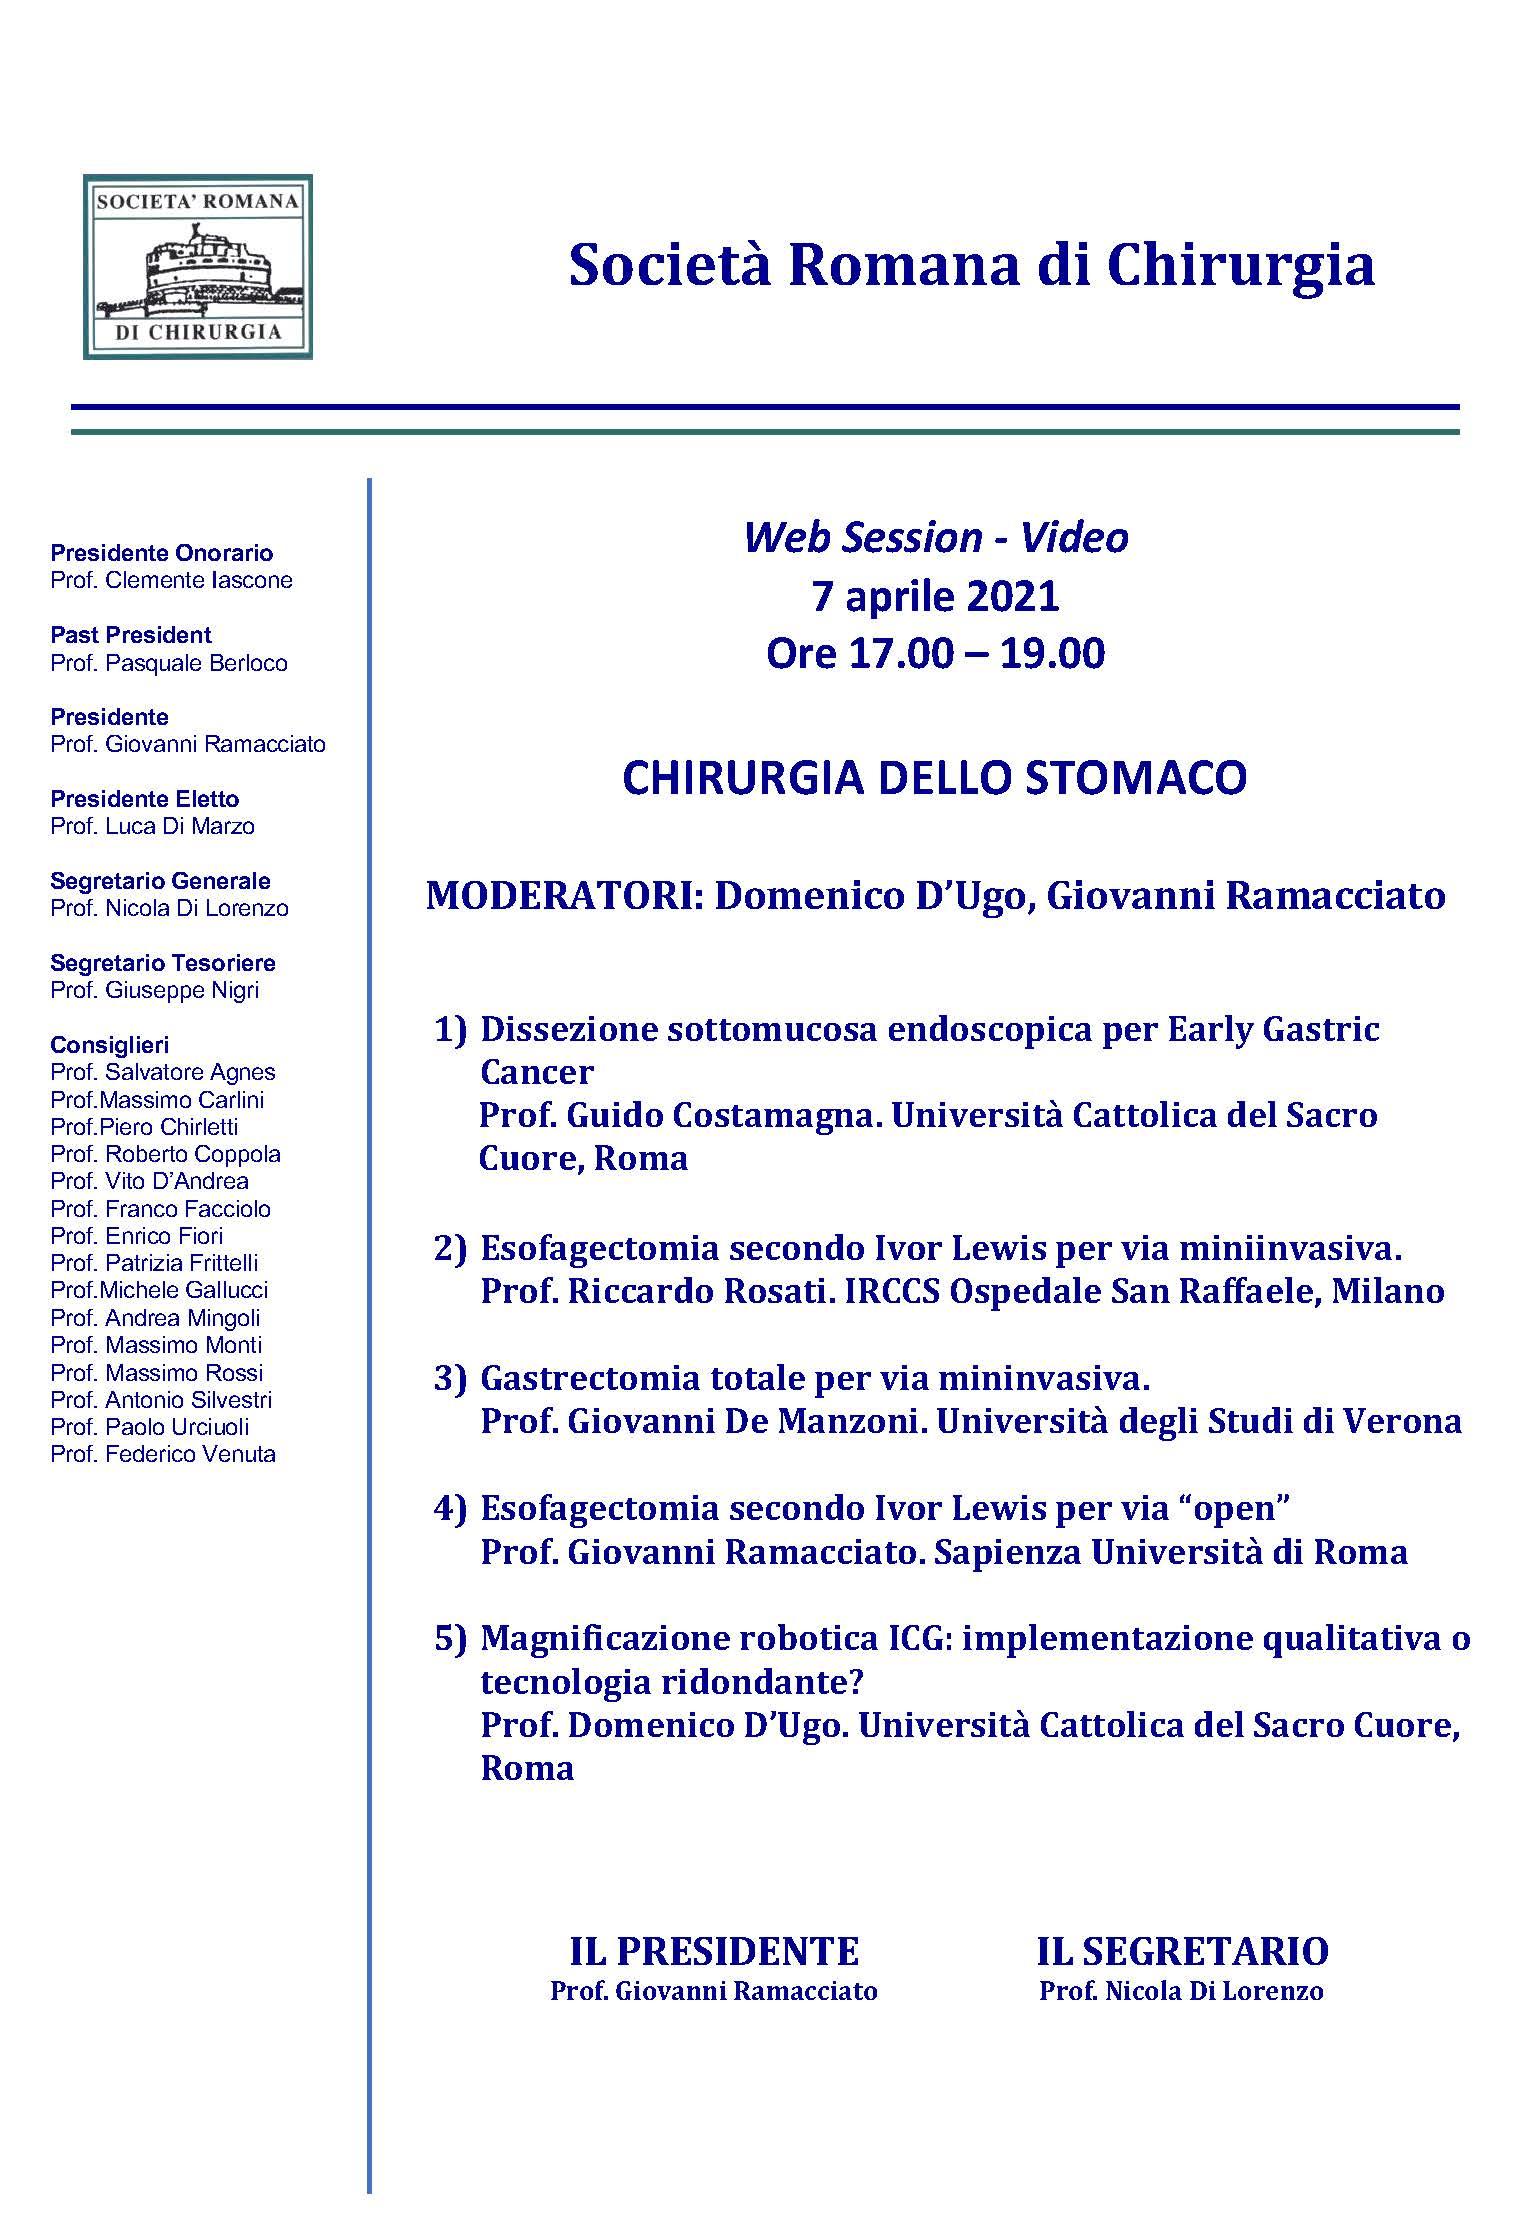 SRC - CHIRURGIA DELLO STOMACO - WEB SESSION